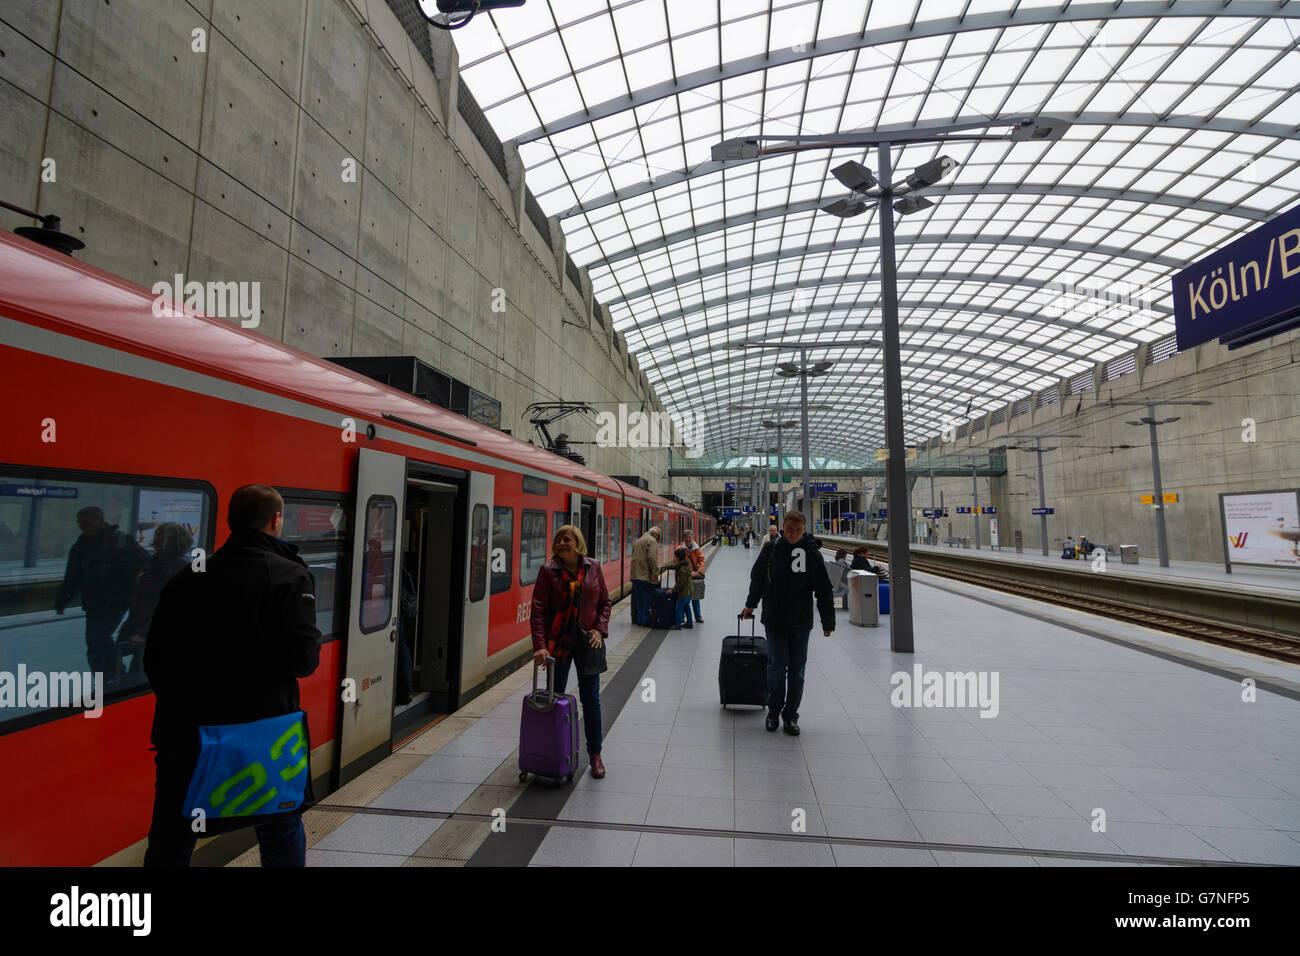 Bahn Köln Flughafen